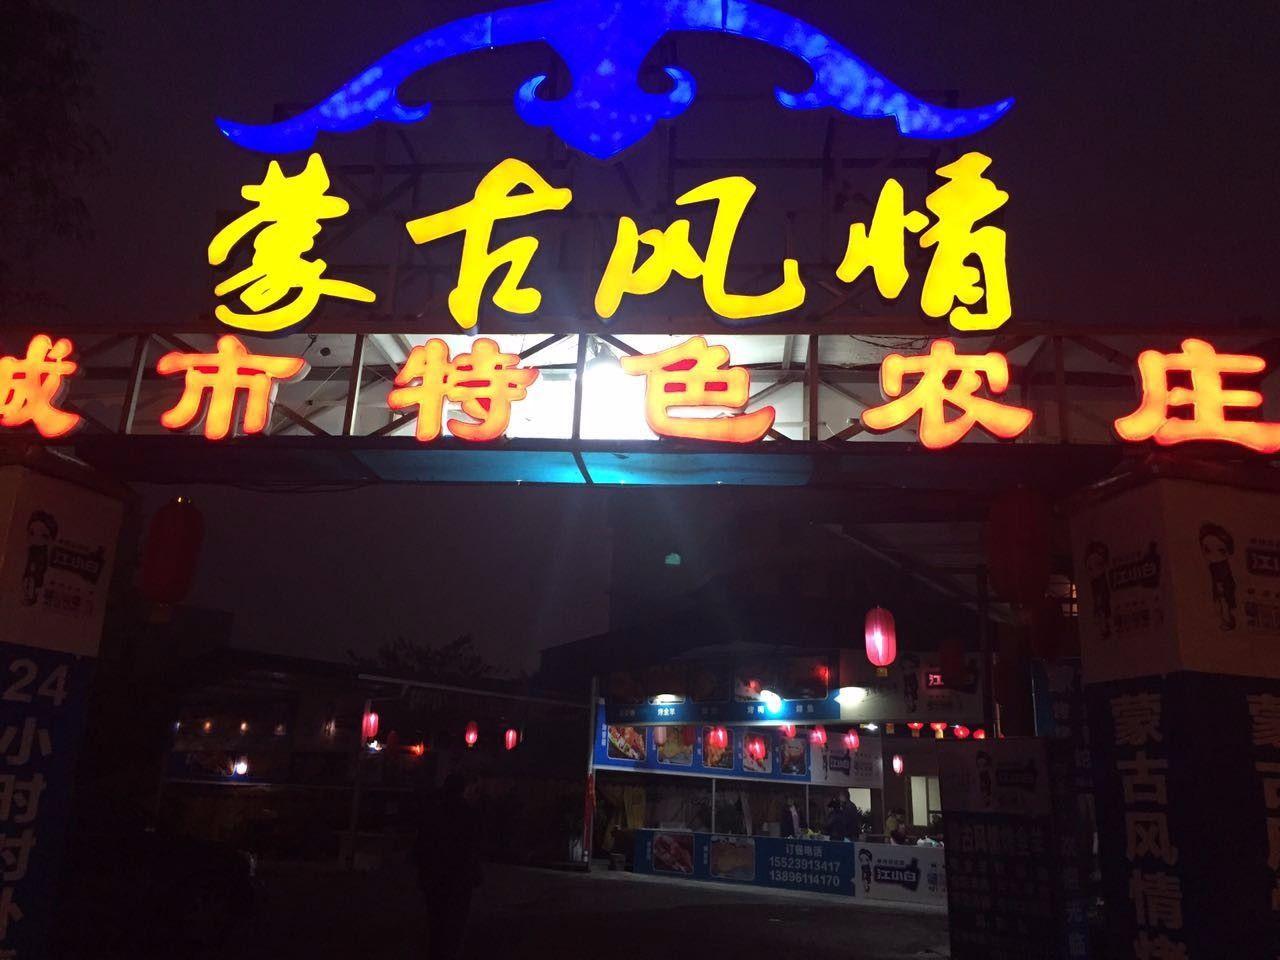 蒙古风情(金马广场后门店)